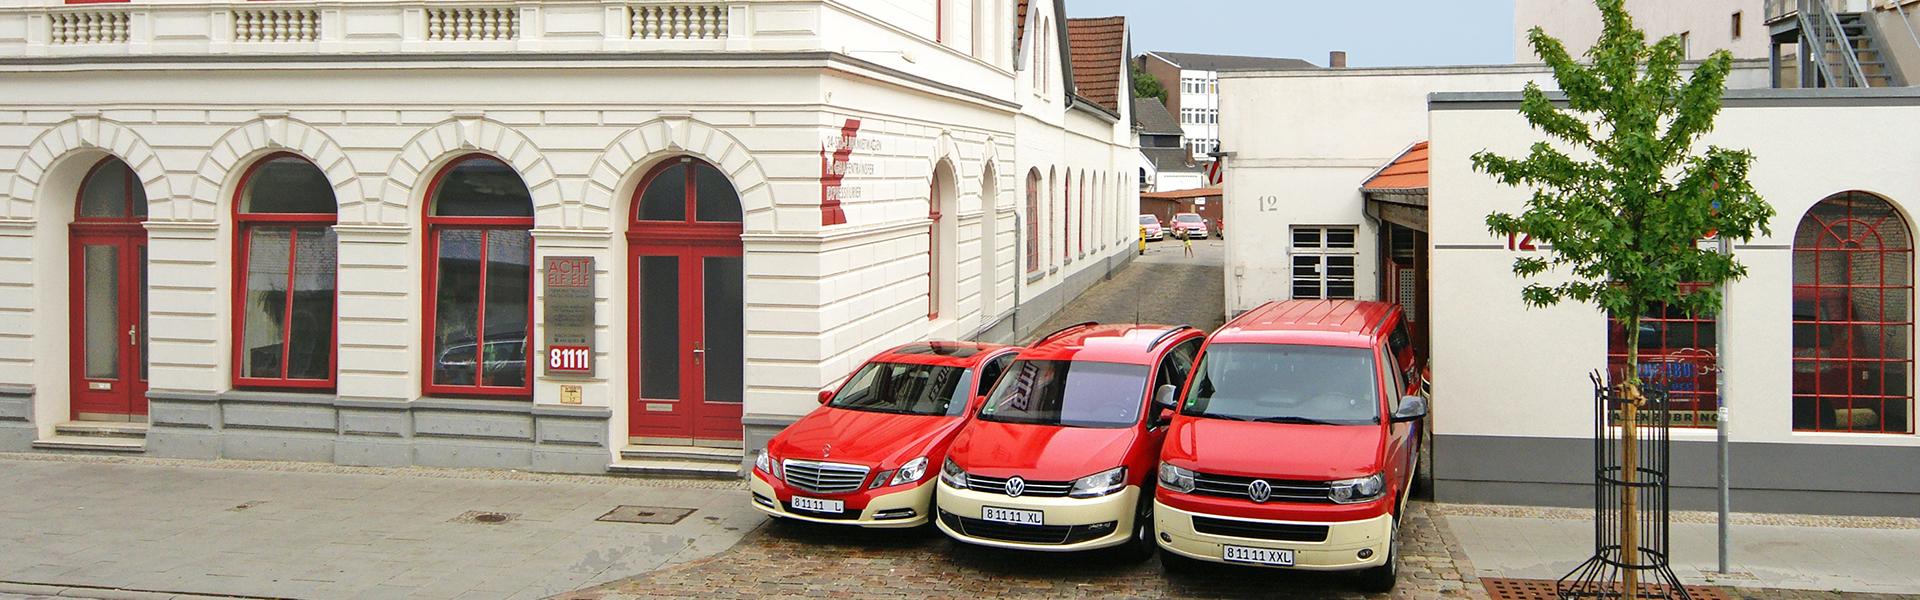 ACHT-ELF-ELF Das Taxi GmbH - Drei Fahrzeuge vor der Zentrale